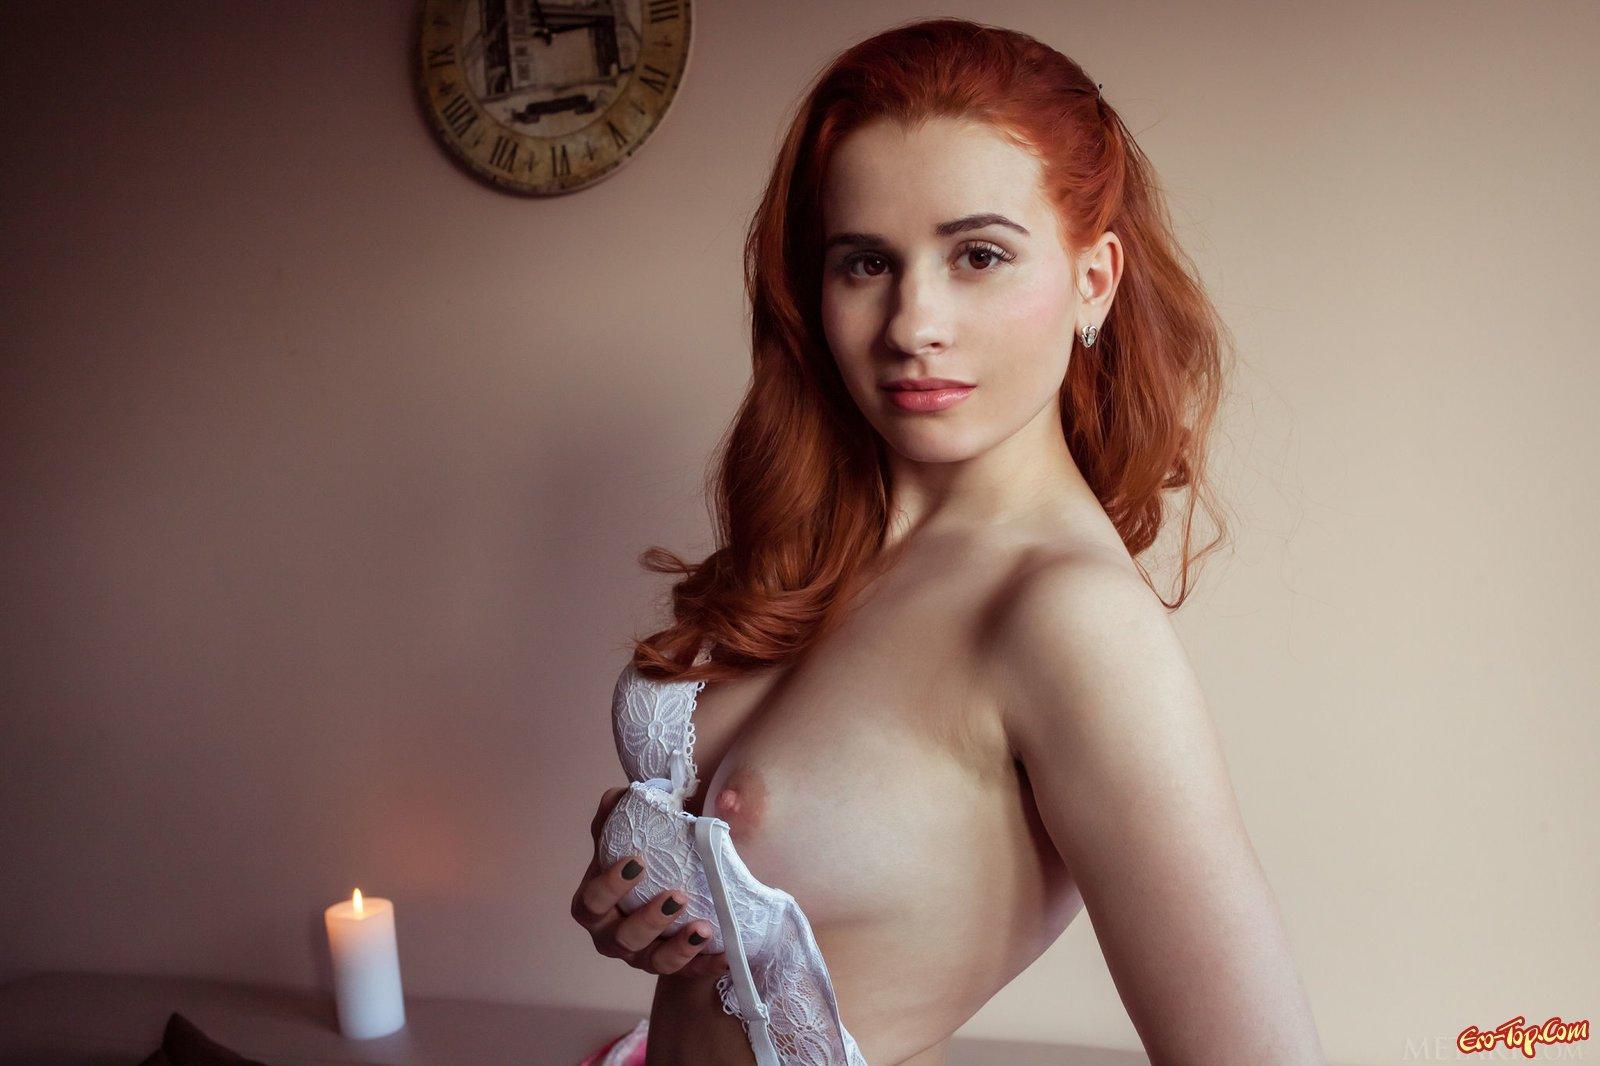 Рыженькая деваха с очень упругим бюстом